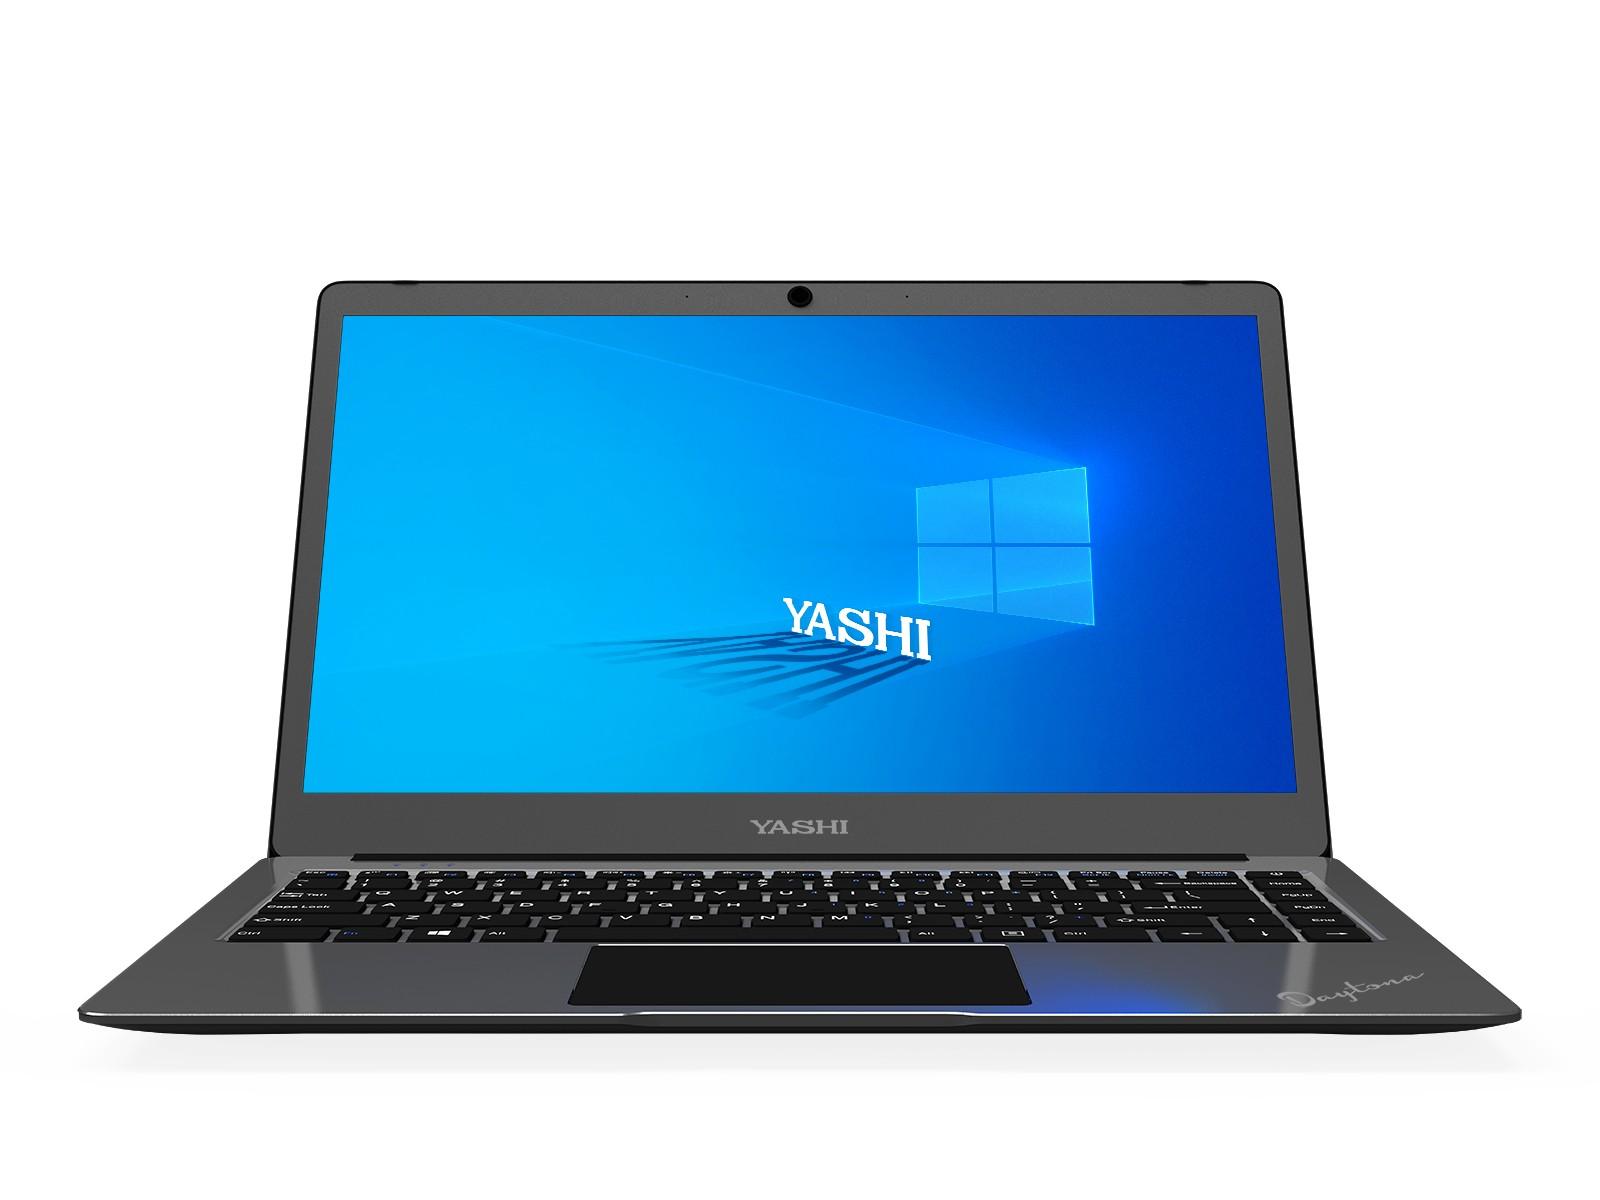 YASHI core i7-8550U 16GB 512GB W10P